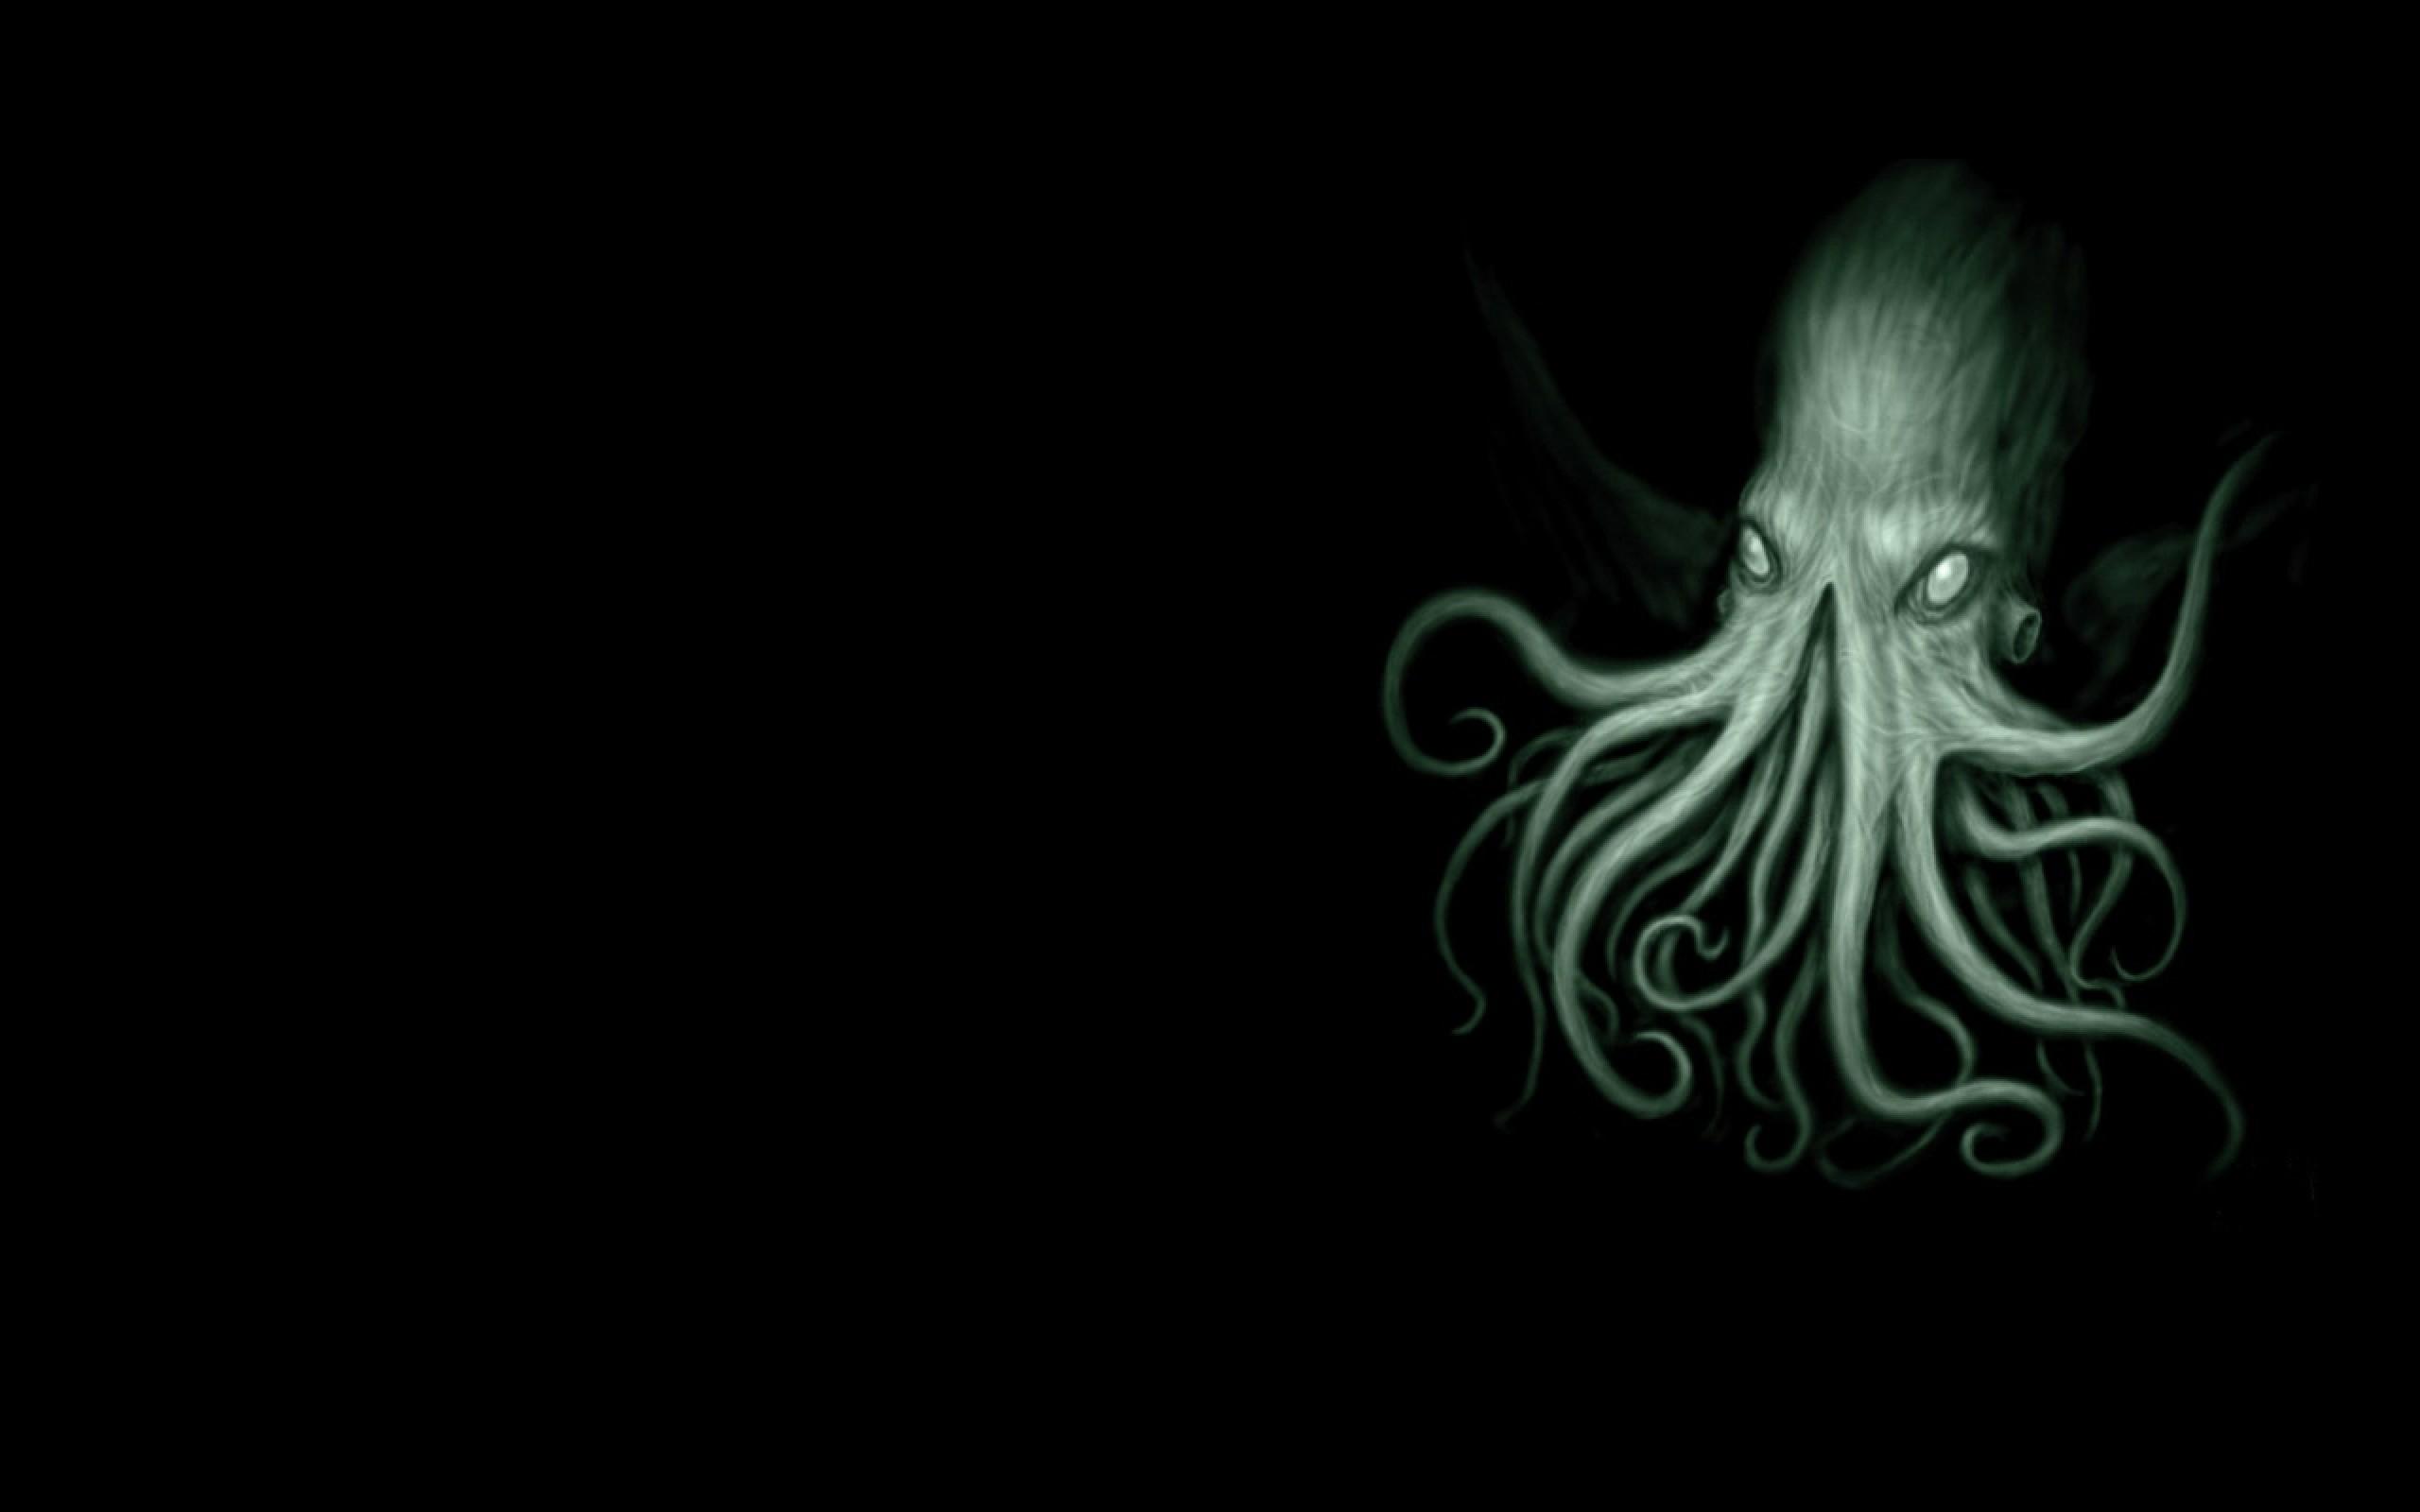 Hp Lovecraft Art Wallpapers: 1280x1024 HD Wallpaper ·①